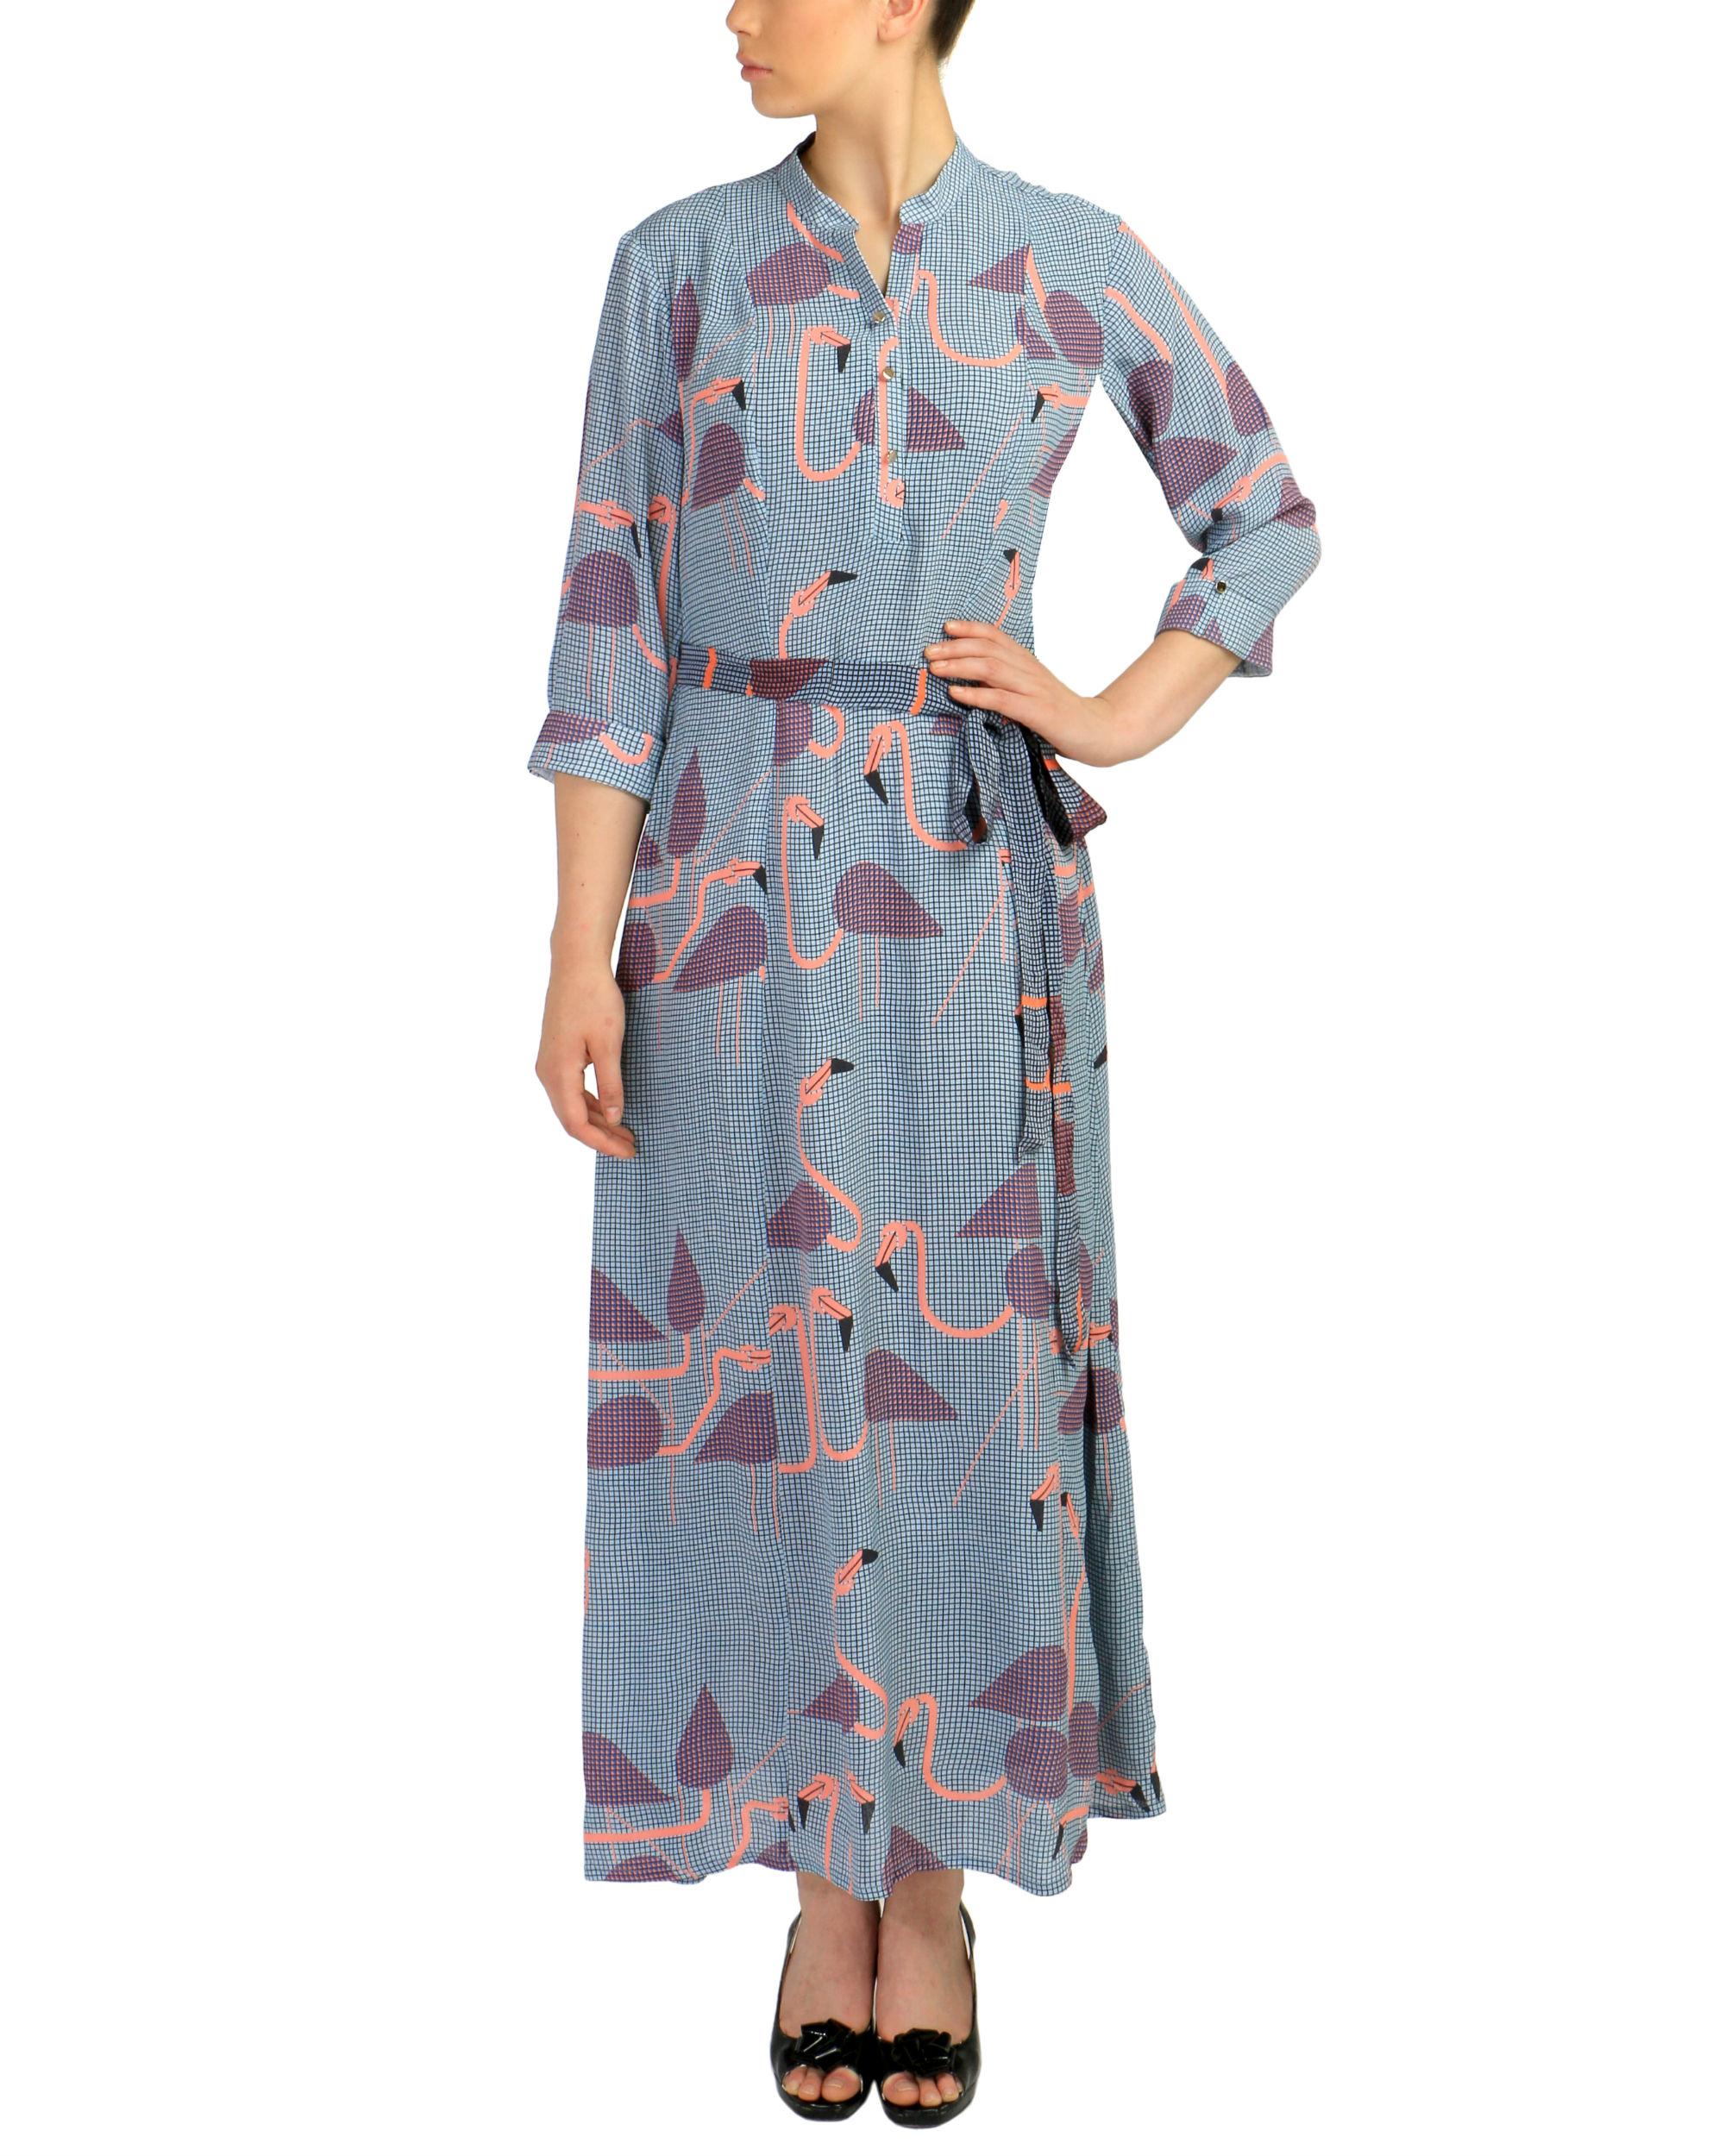 Blue flamingo dress